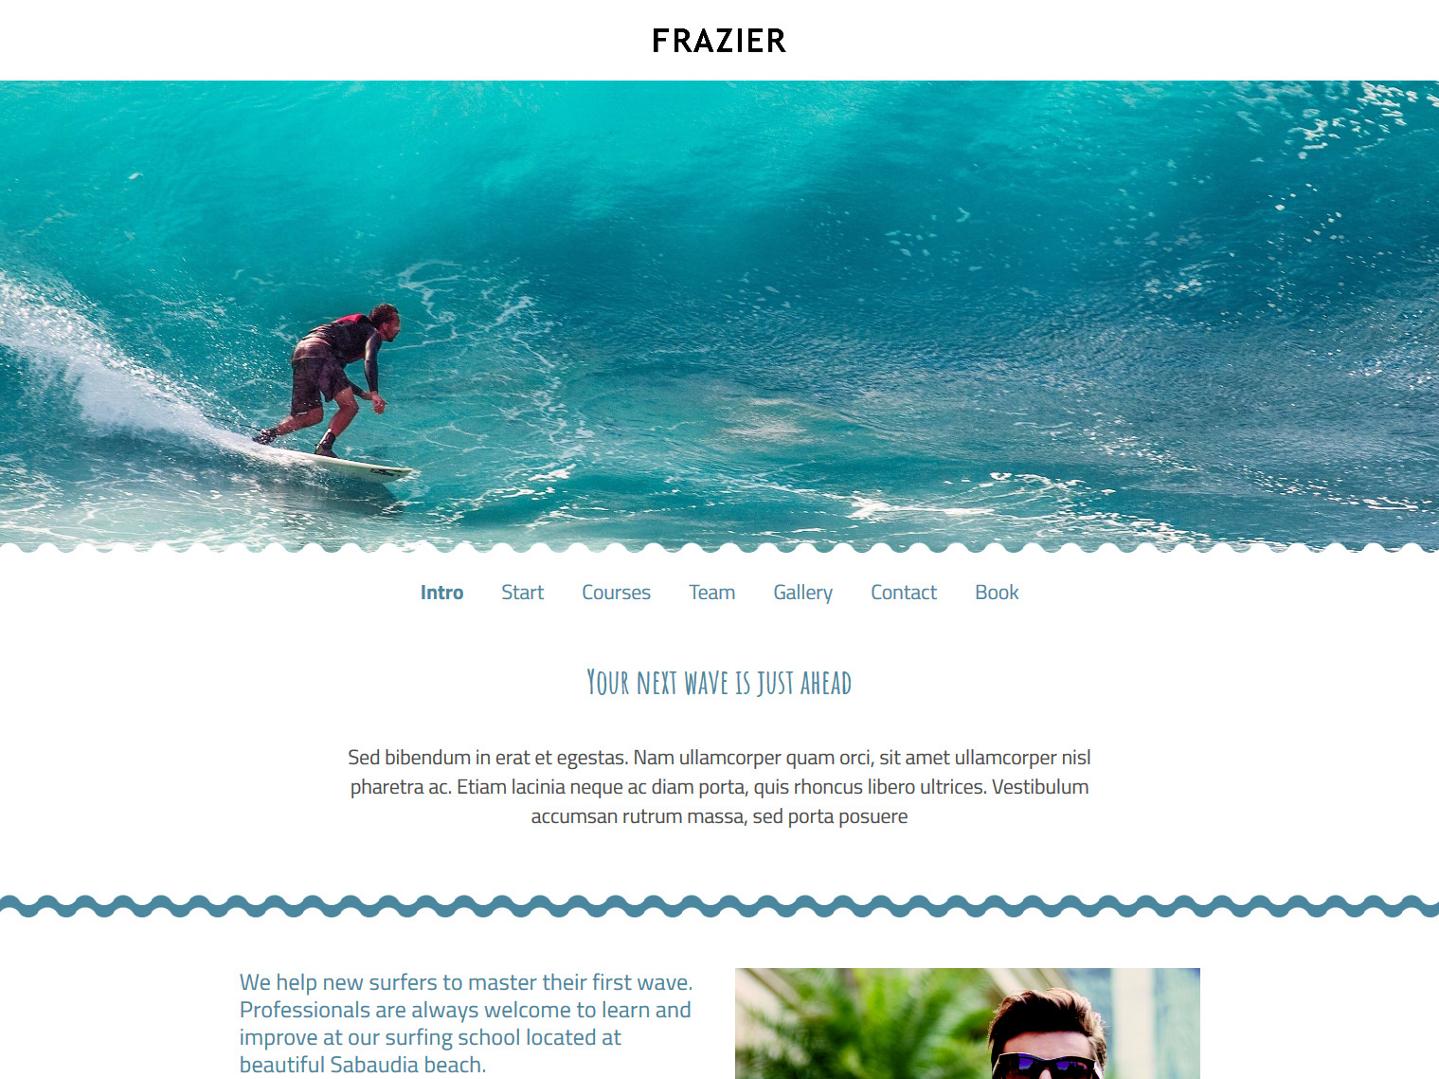 Website-Vorschau »Landingpage« des Templates »Frazier Pro«